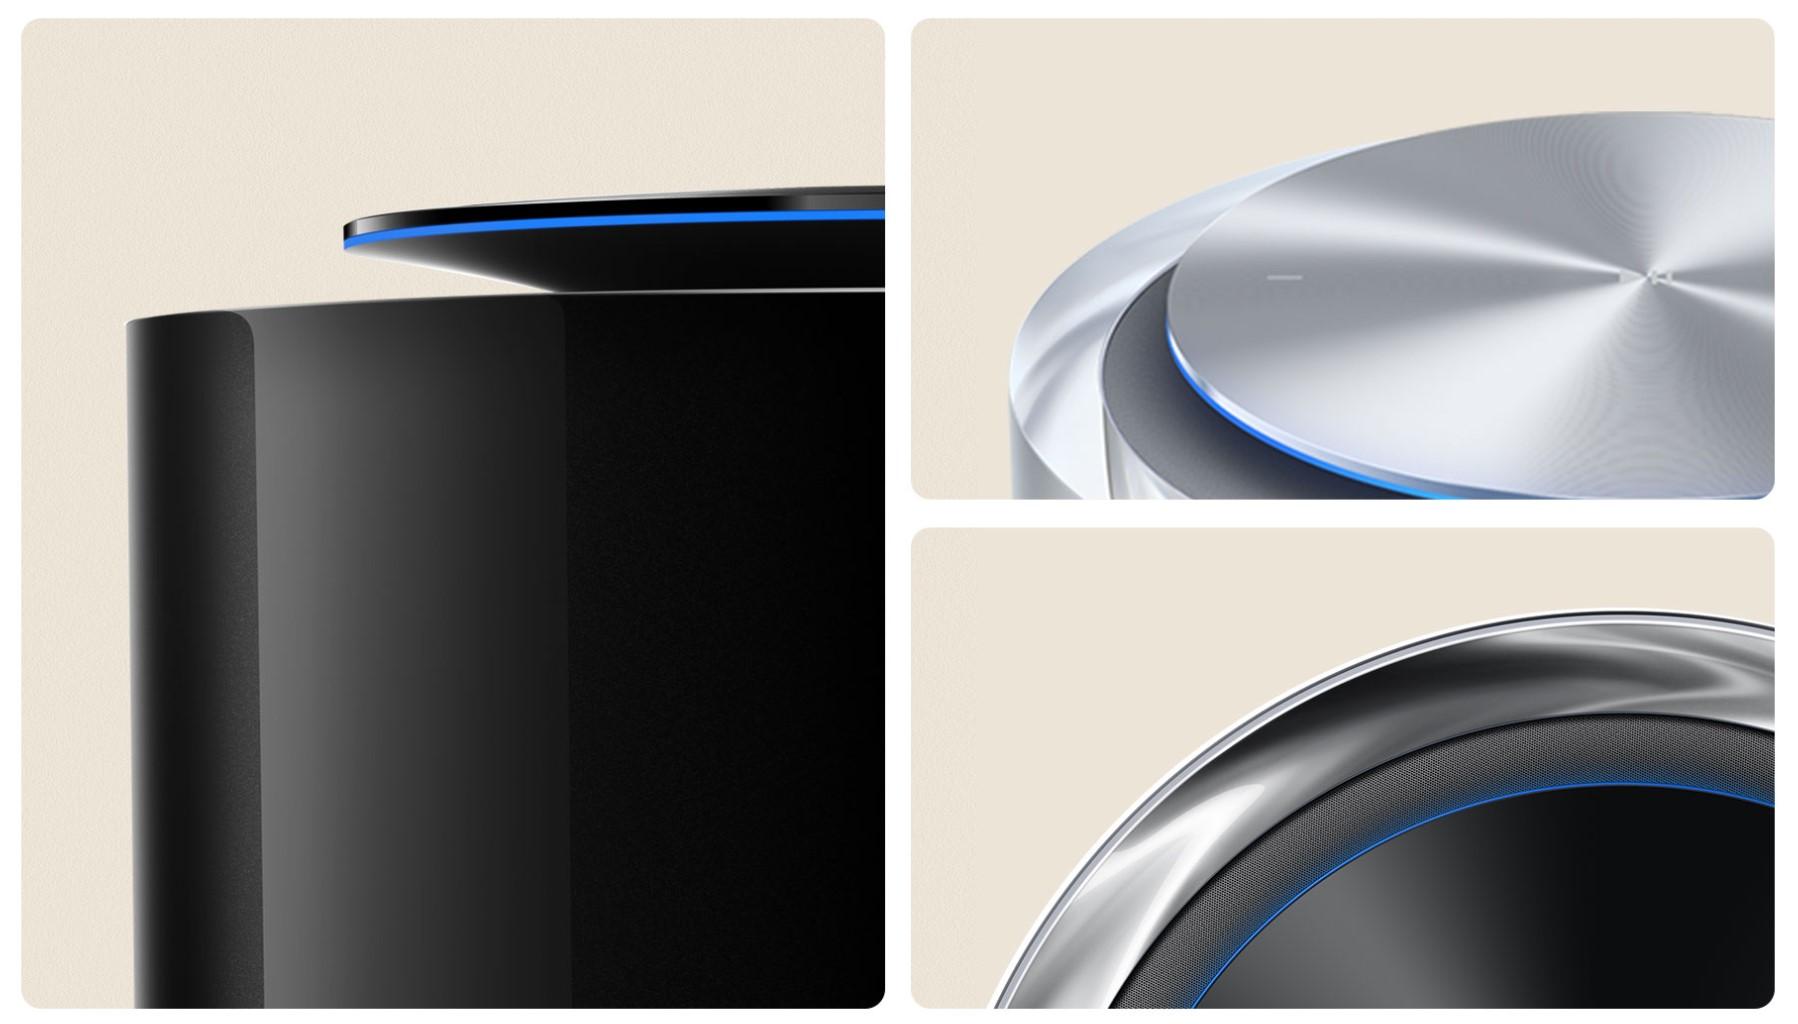 Loa thông minh Xiaomi Sound có thiết kế tinh tế tối giản